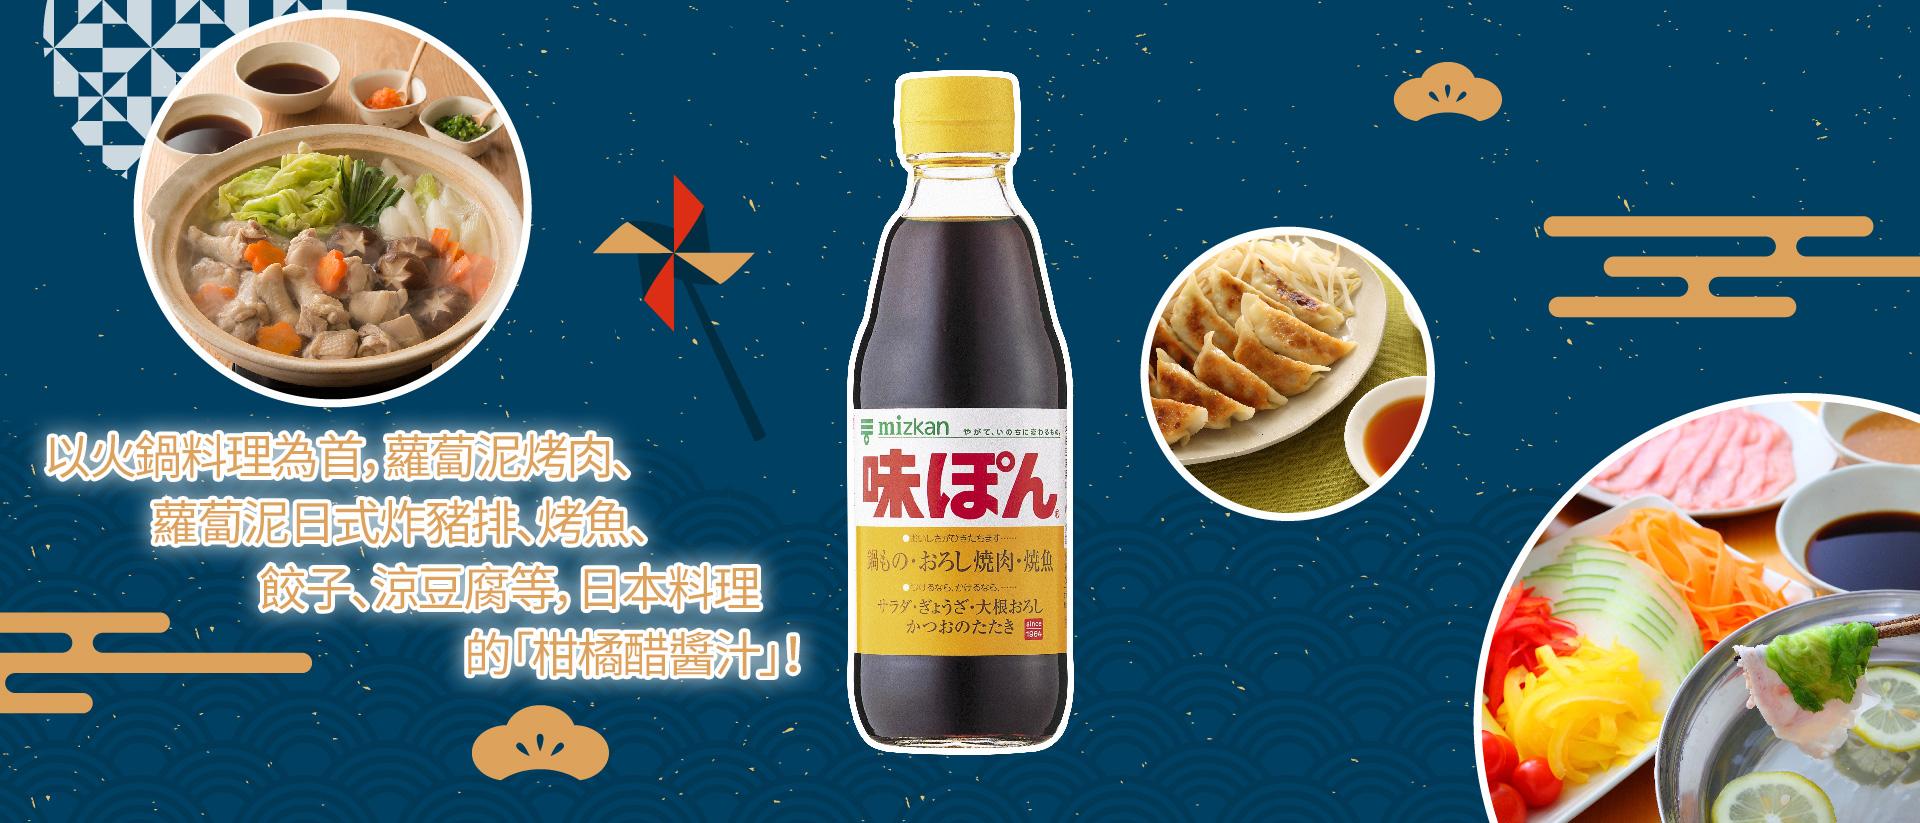 柑橘醋醬汁是什麼樣的調味料呢? 柑橘醋醬汁是柑橘果汁、釀造醋和醬油合而為一、具有在別處品嚐不到的絕妙風味之調味料。